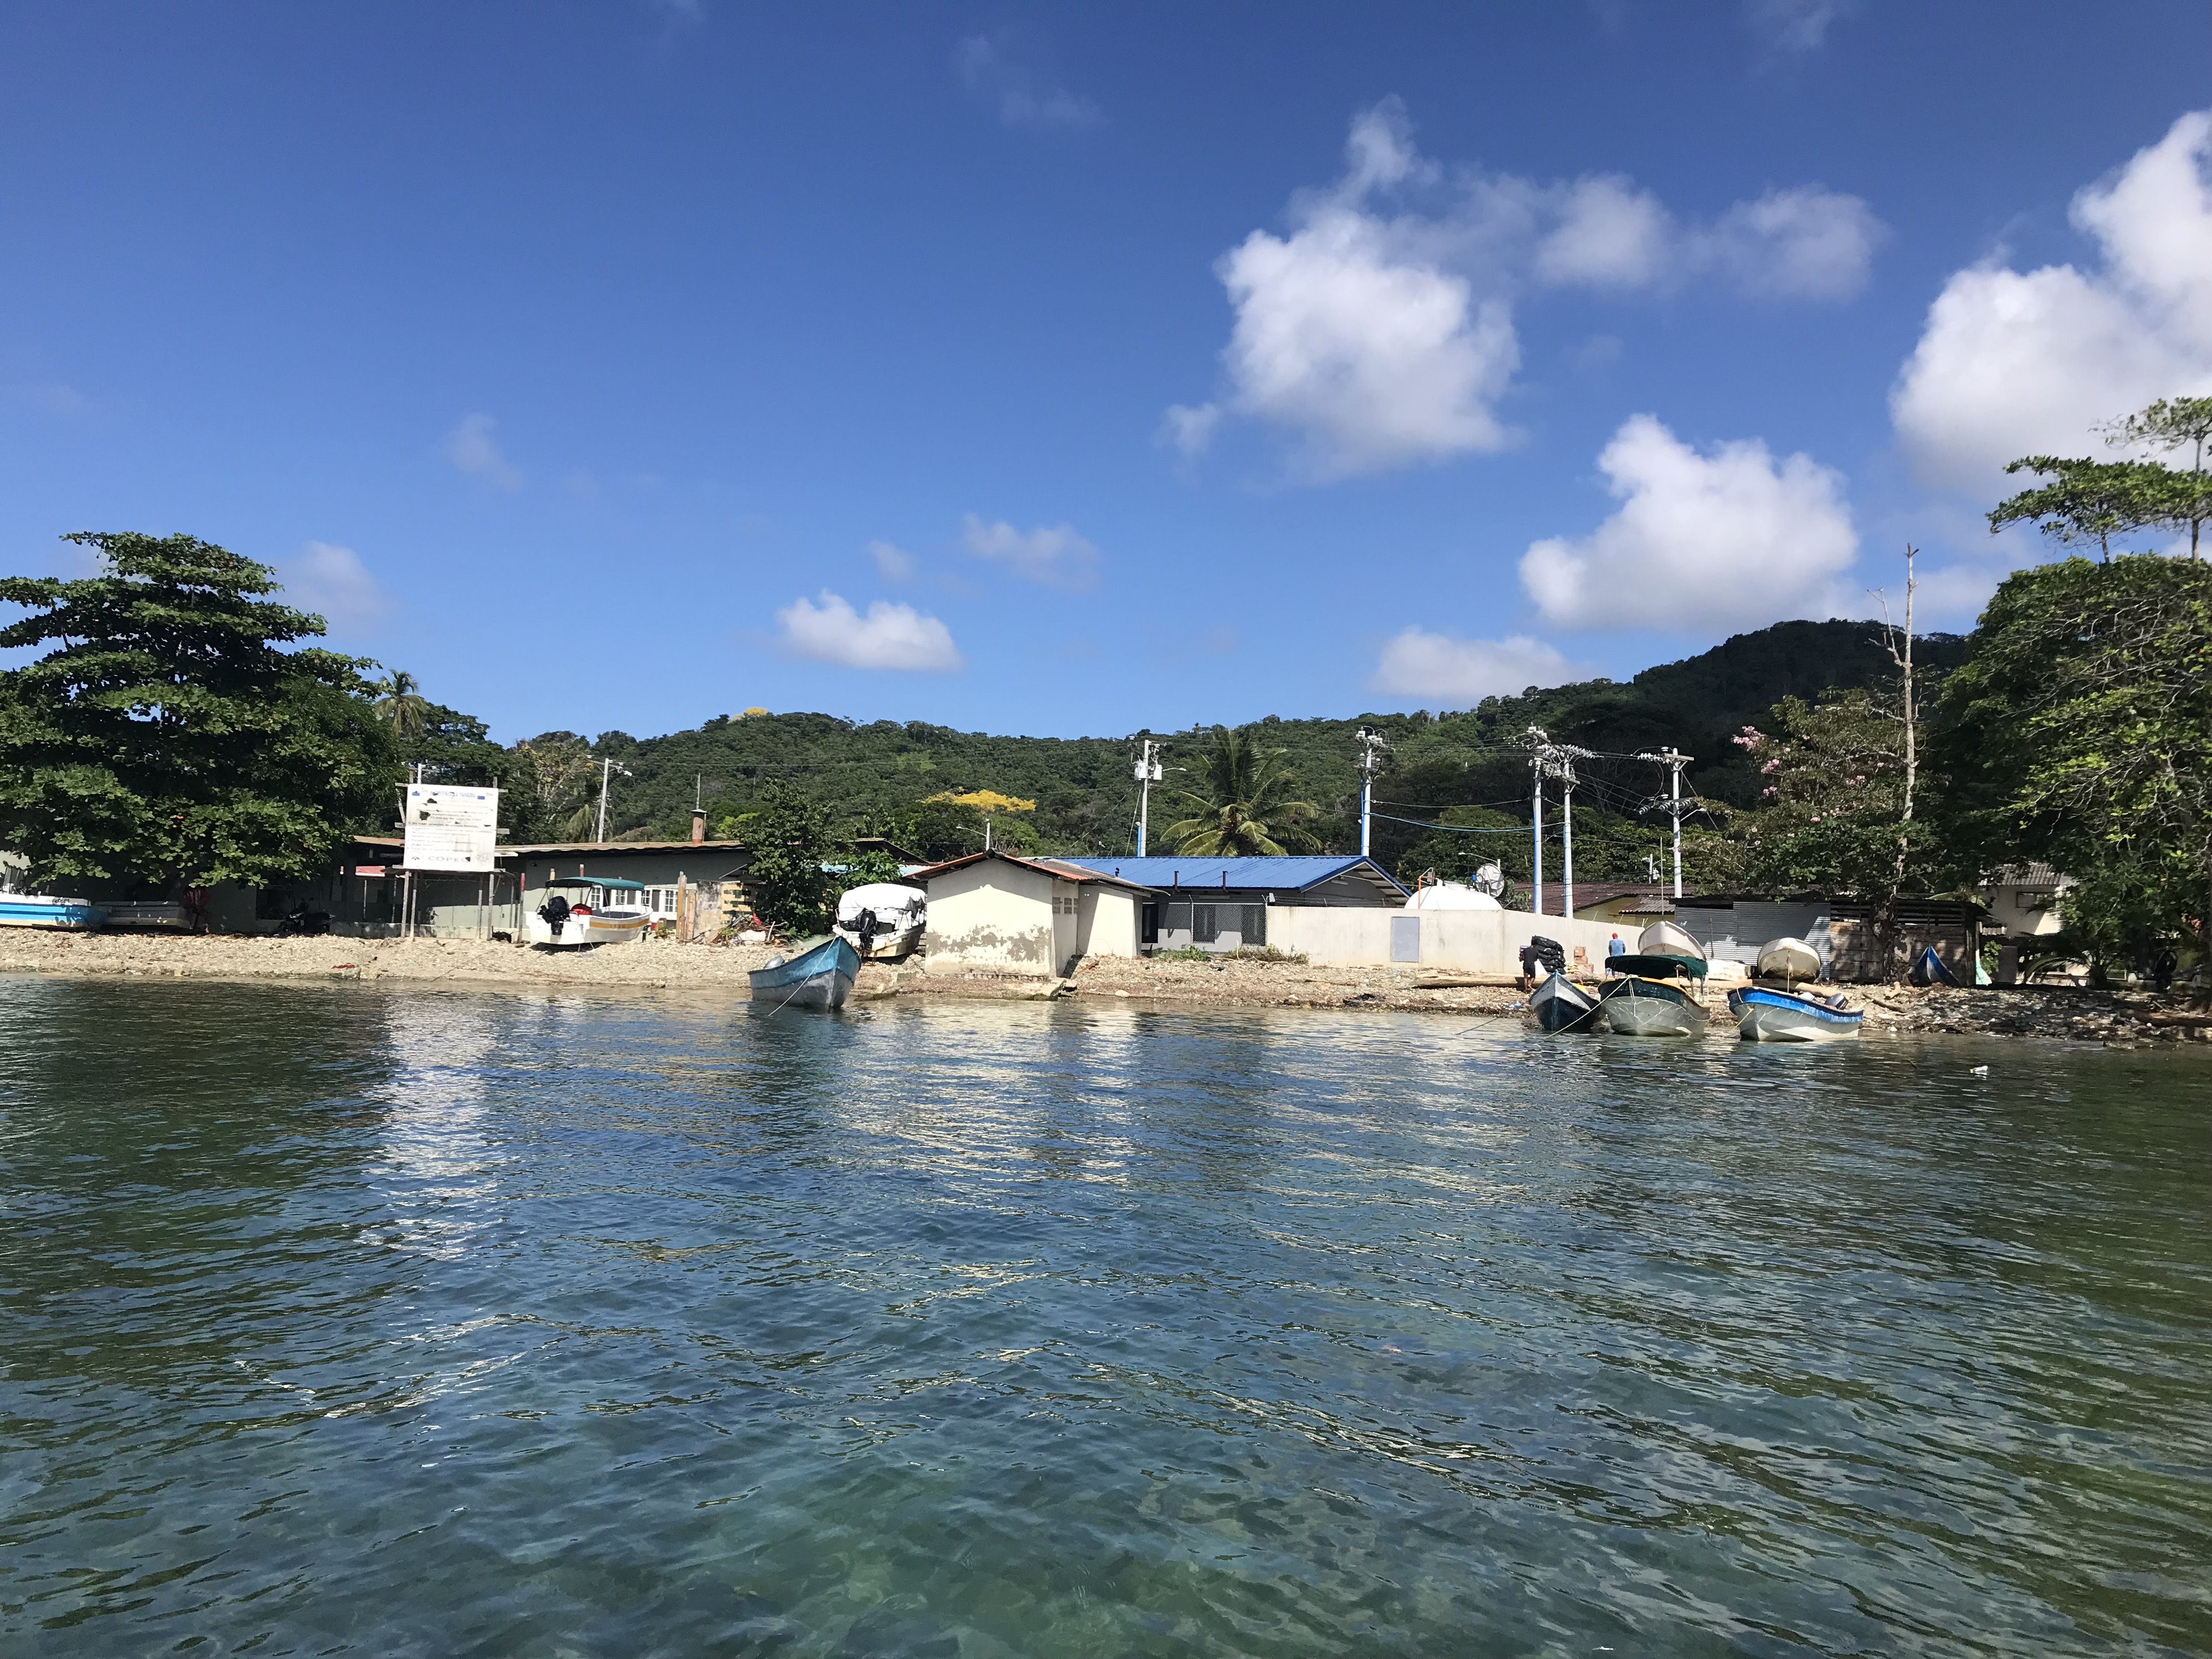 Puerto Obaldia(プエルトオバルディア)